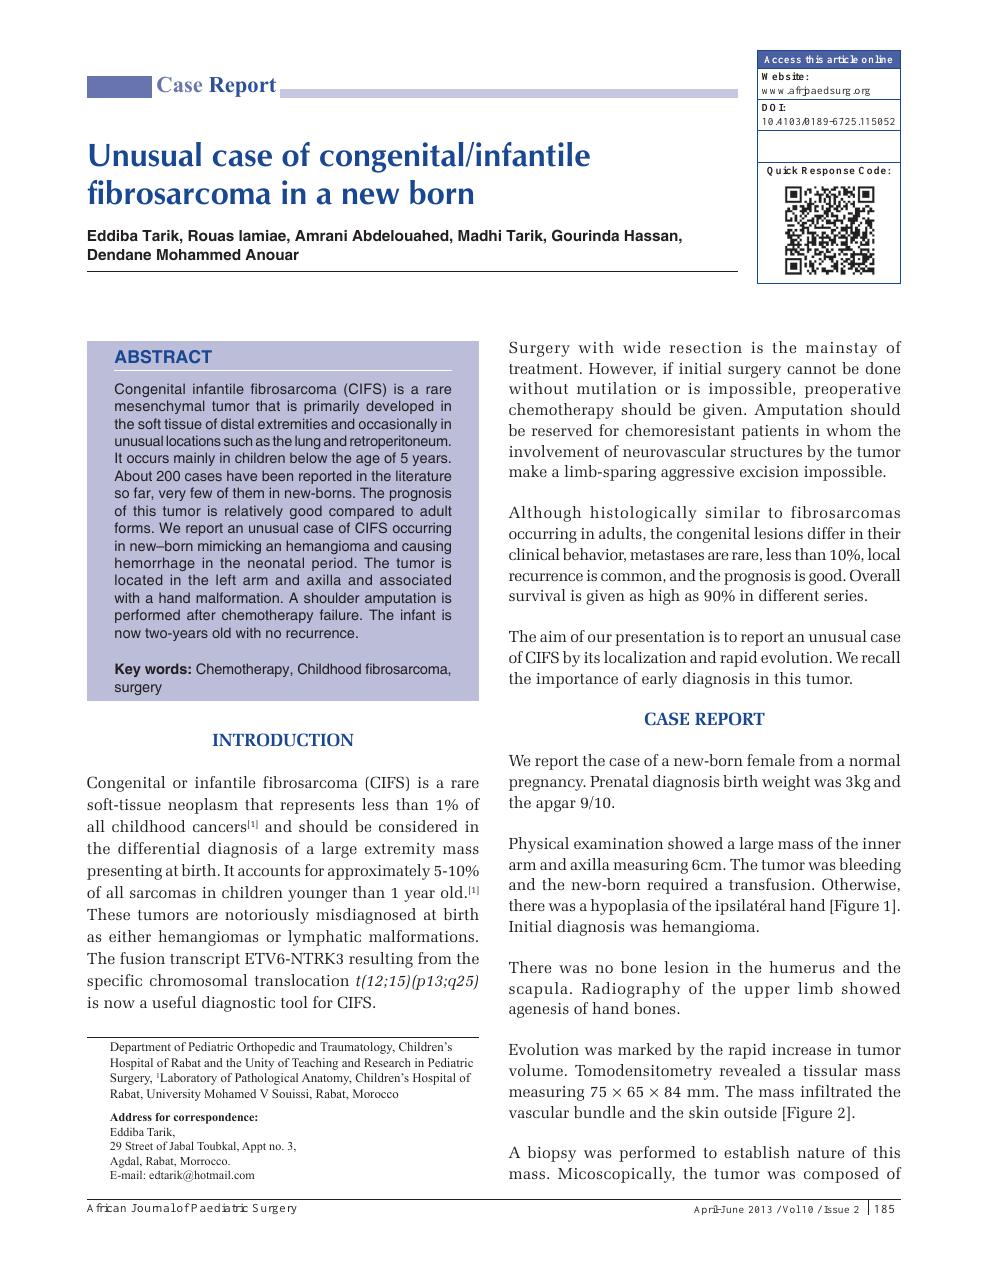 Unusual case of congenital/infantile fibrosarcoma in a new